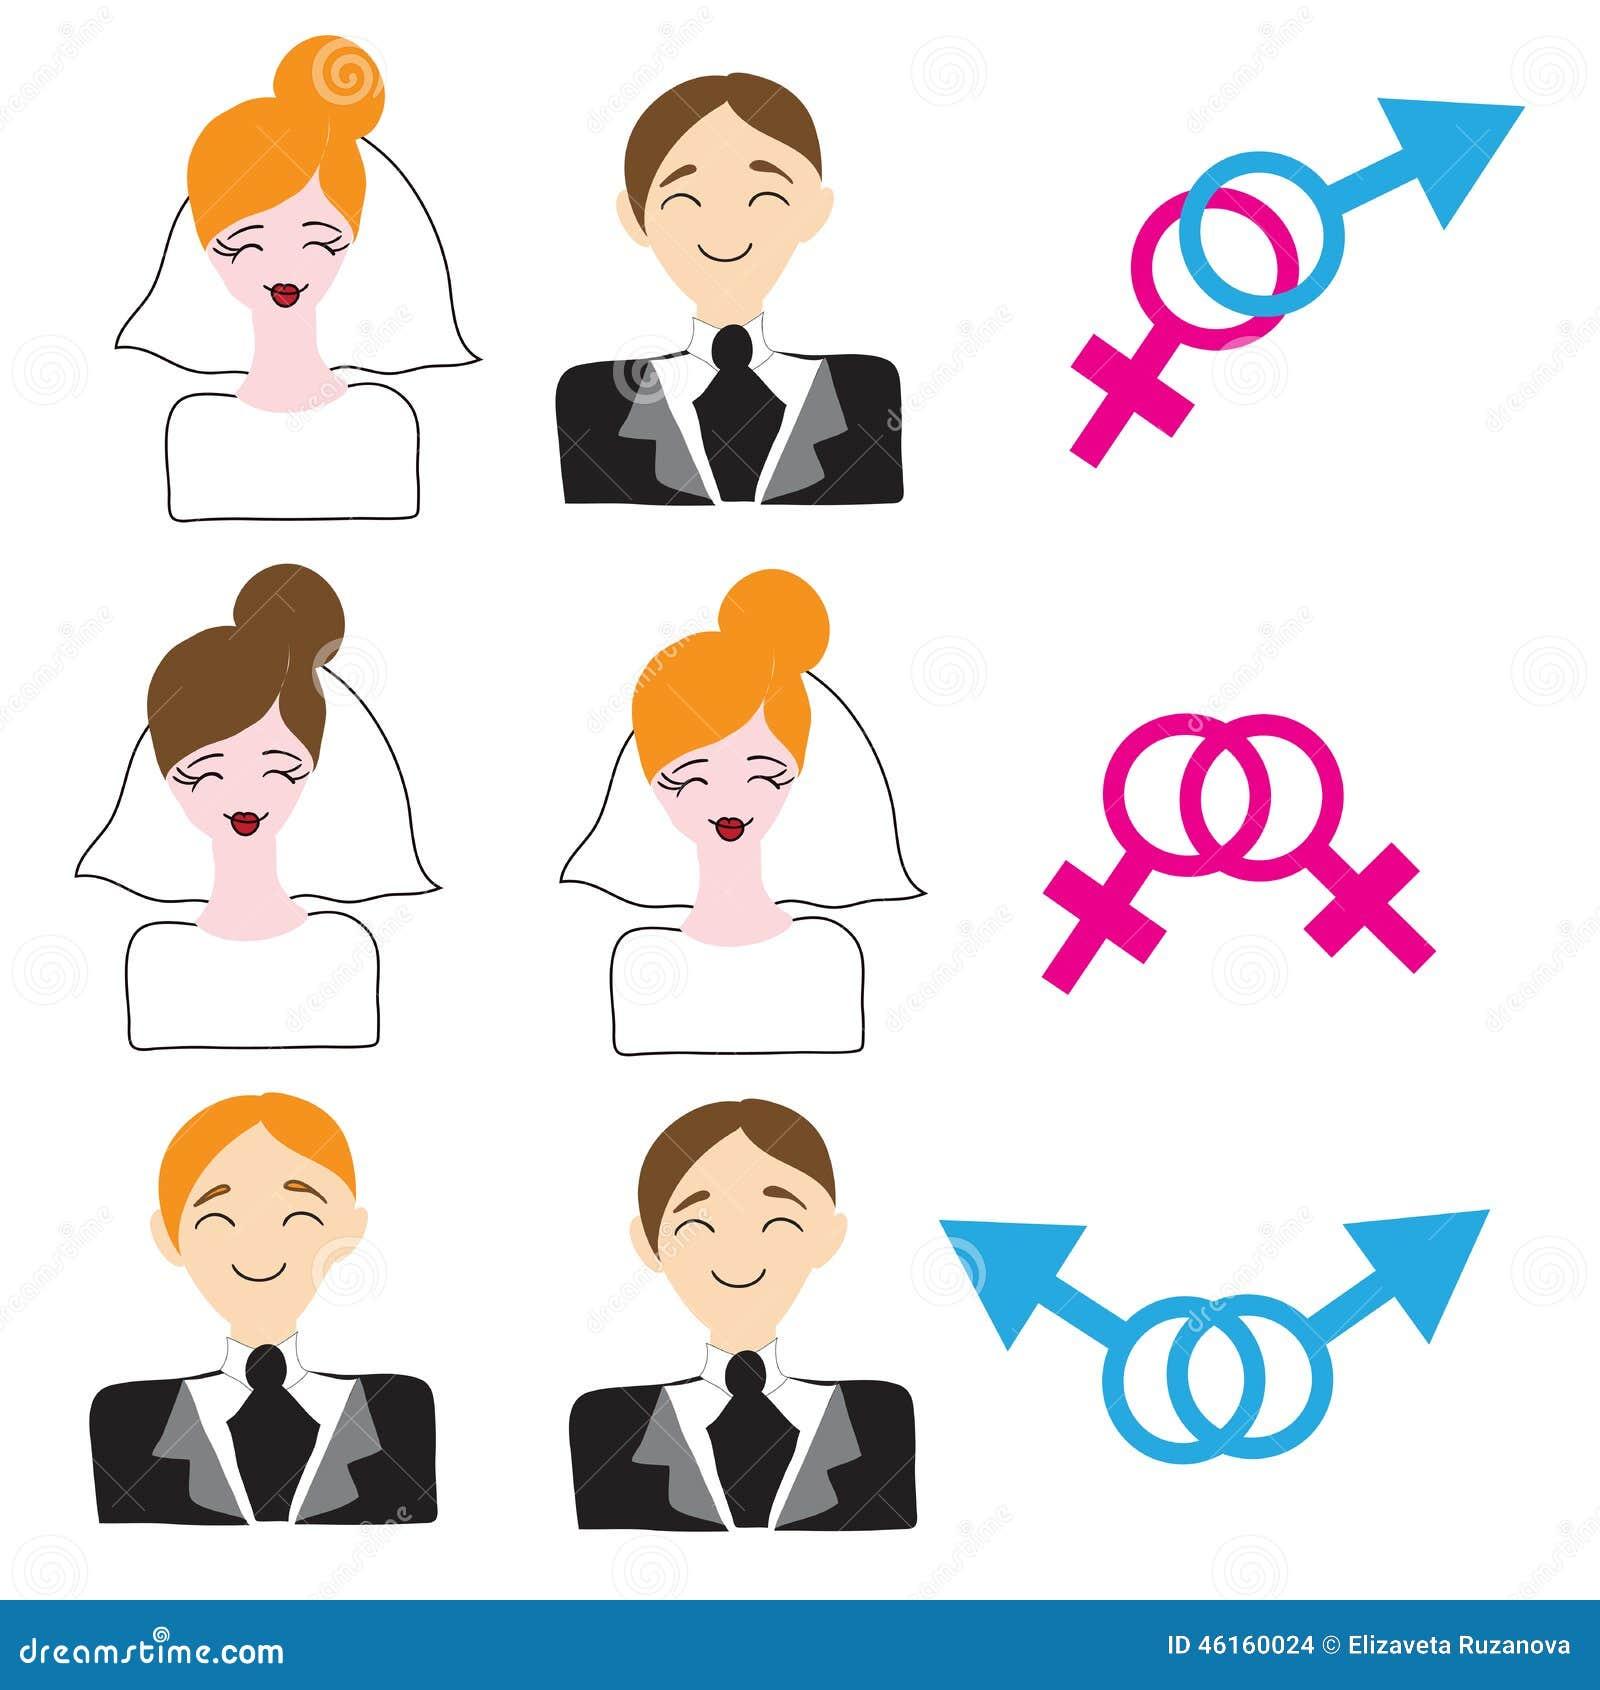 X clasificado libre de homosexuales